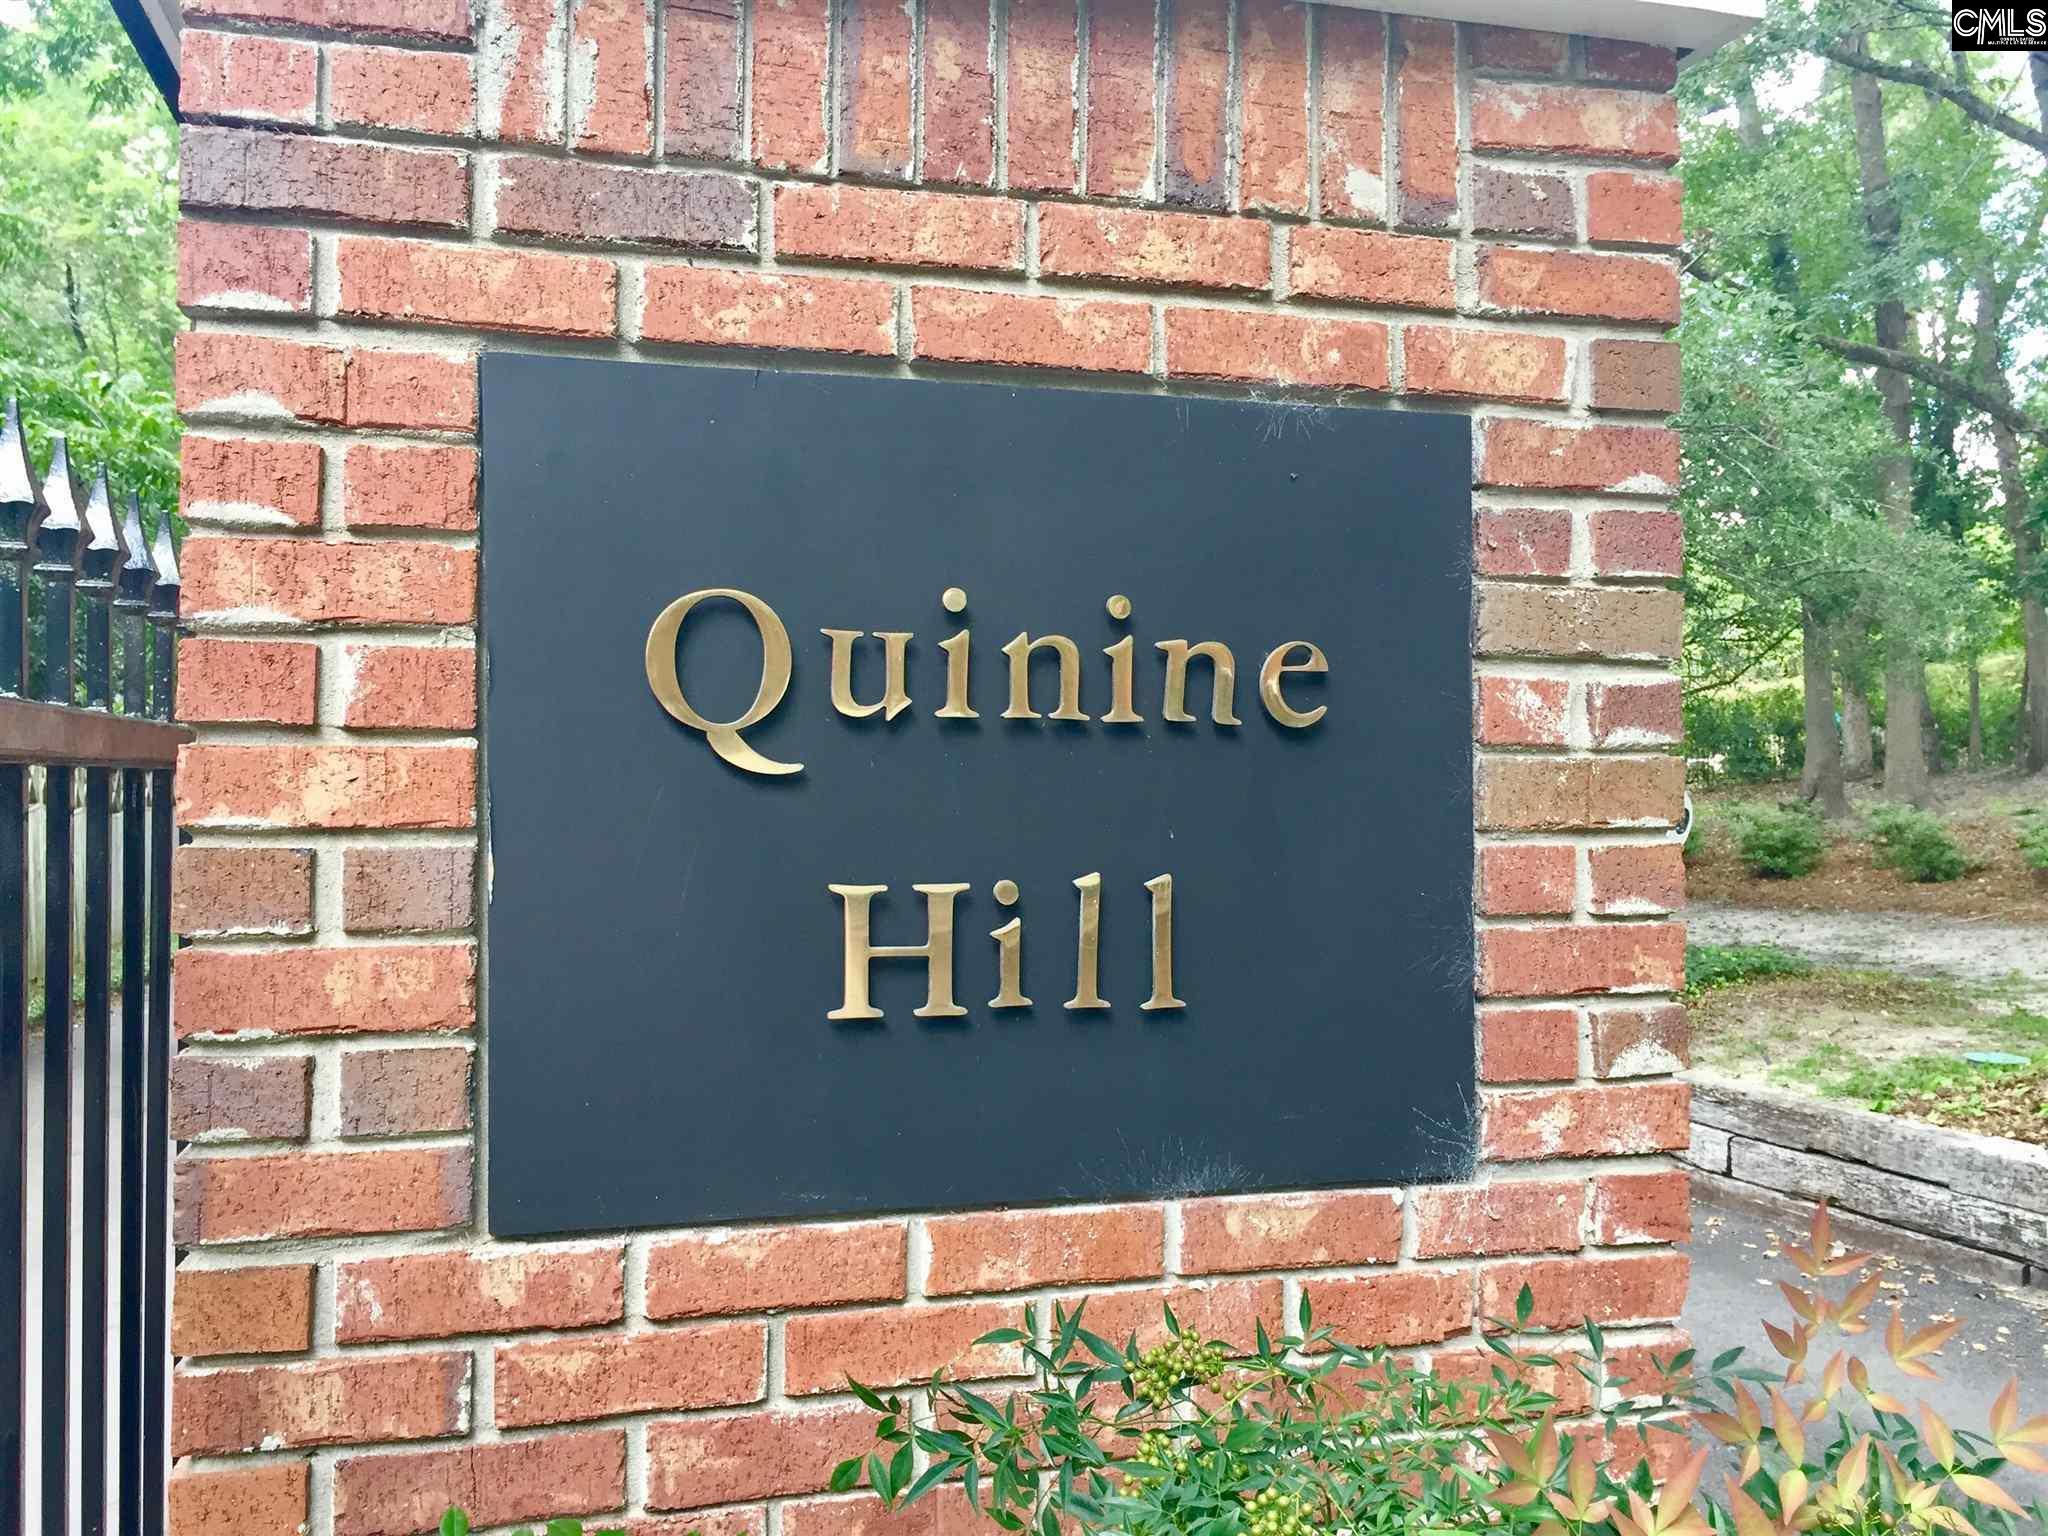 7 Quinine Hill, Columbia, SC 29204